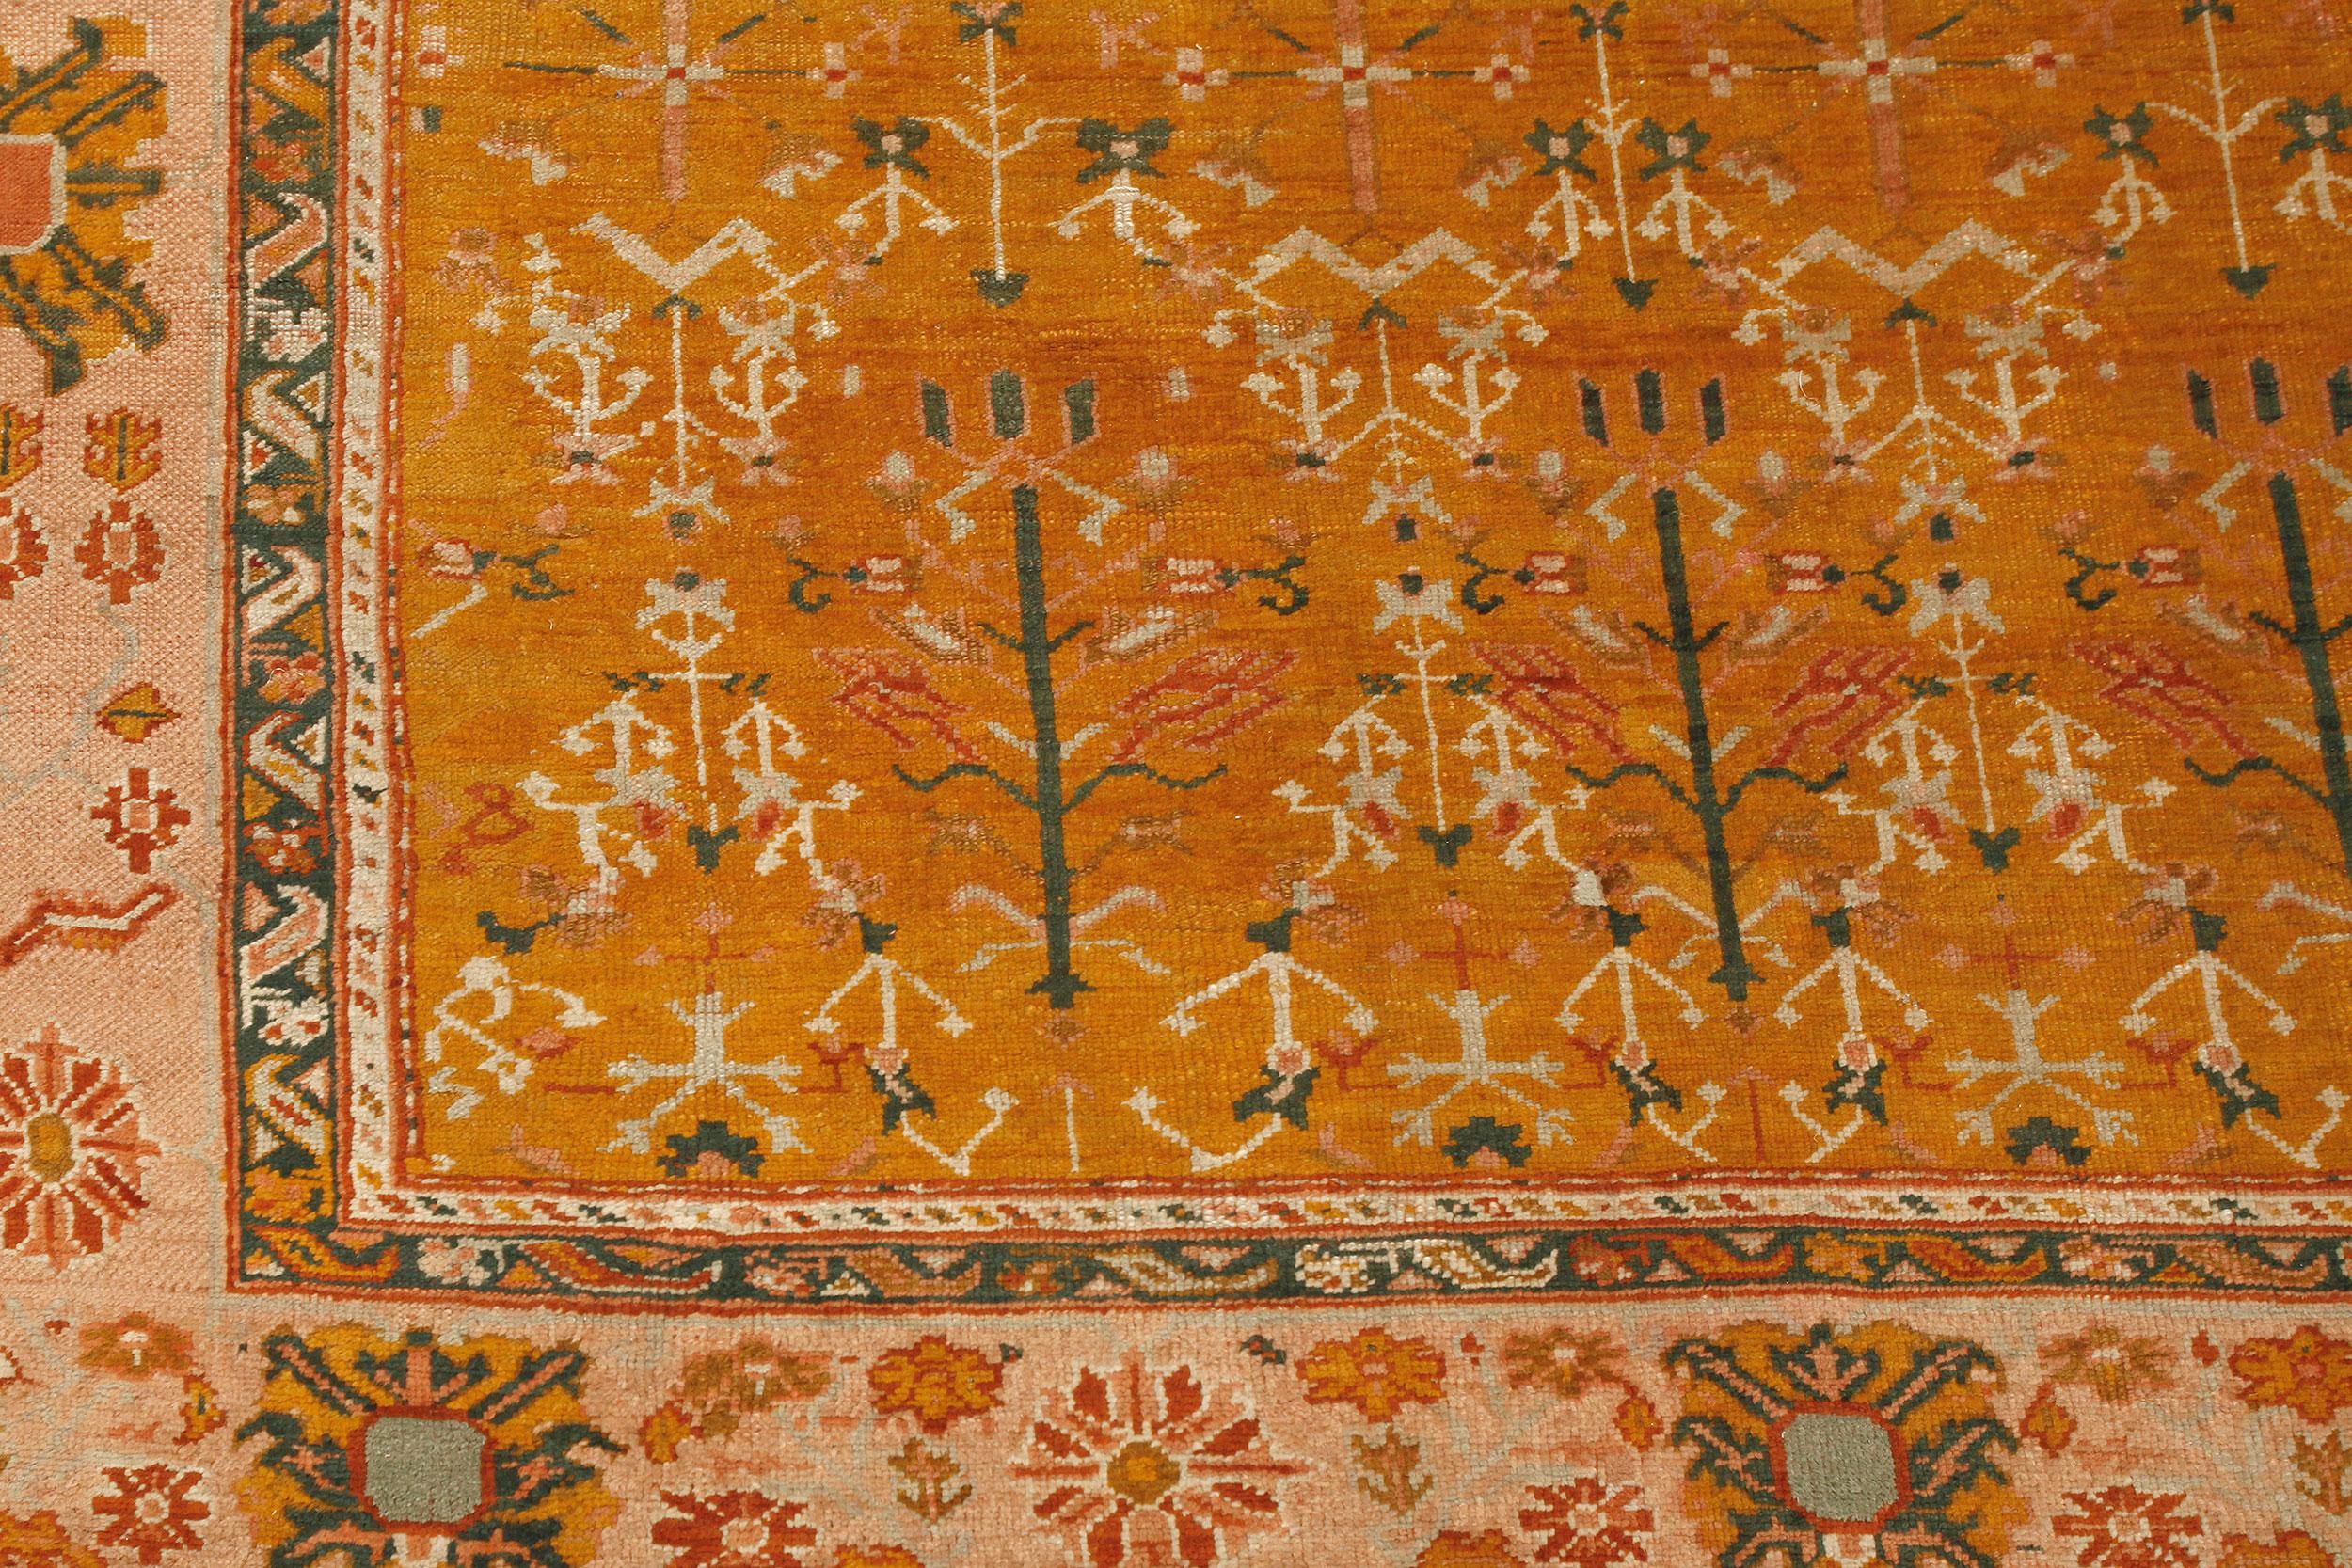 Antique Ushak Carpet 315x287cm